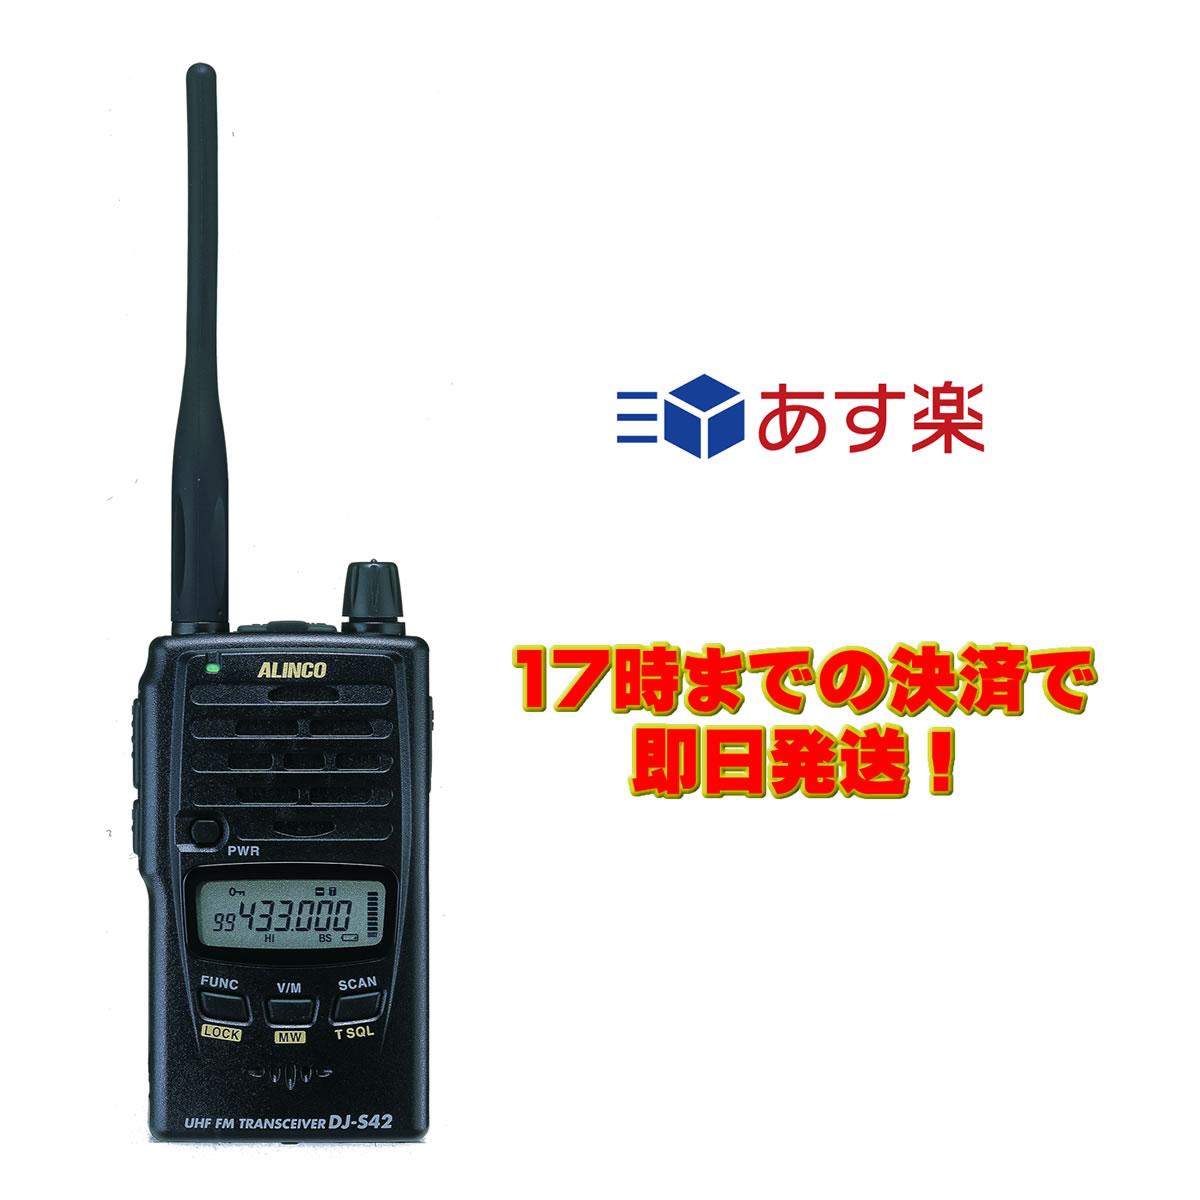 【ラッキーシール対応】 DJ-S42 アルインコ 430MHz 防水型FMハンディトランシーバー 2W